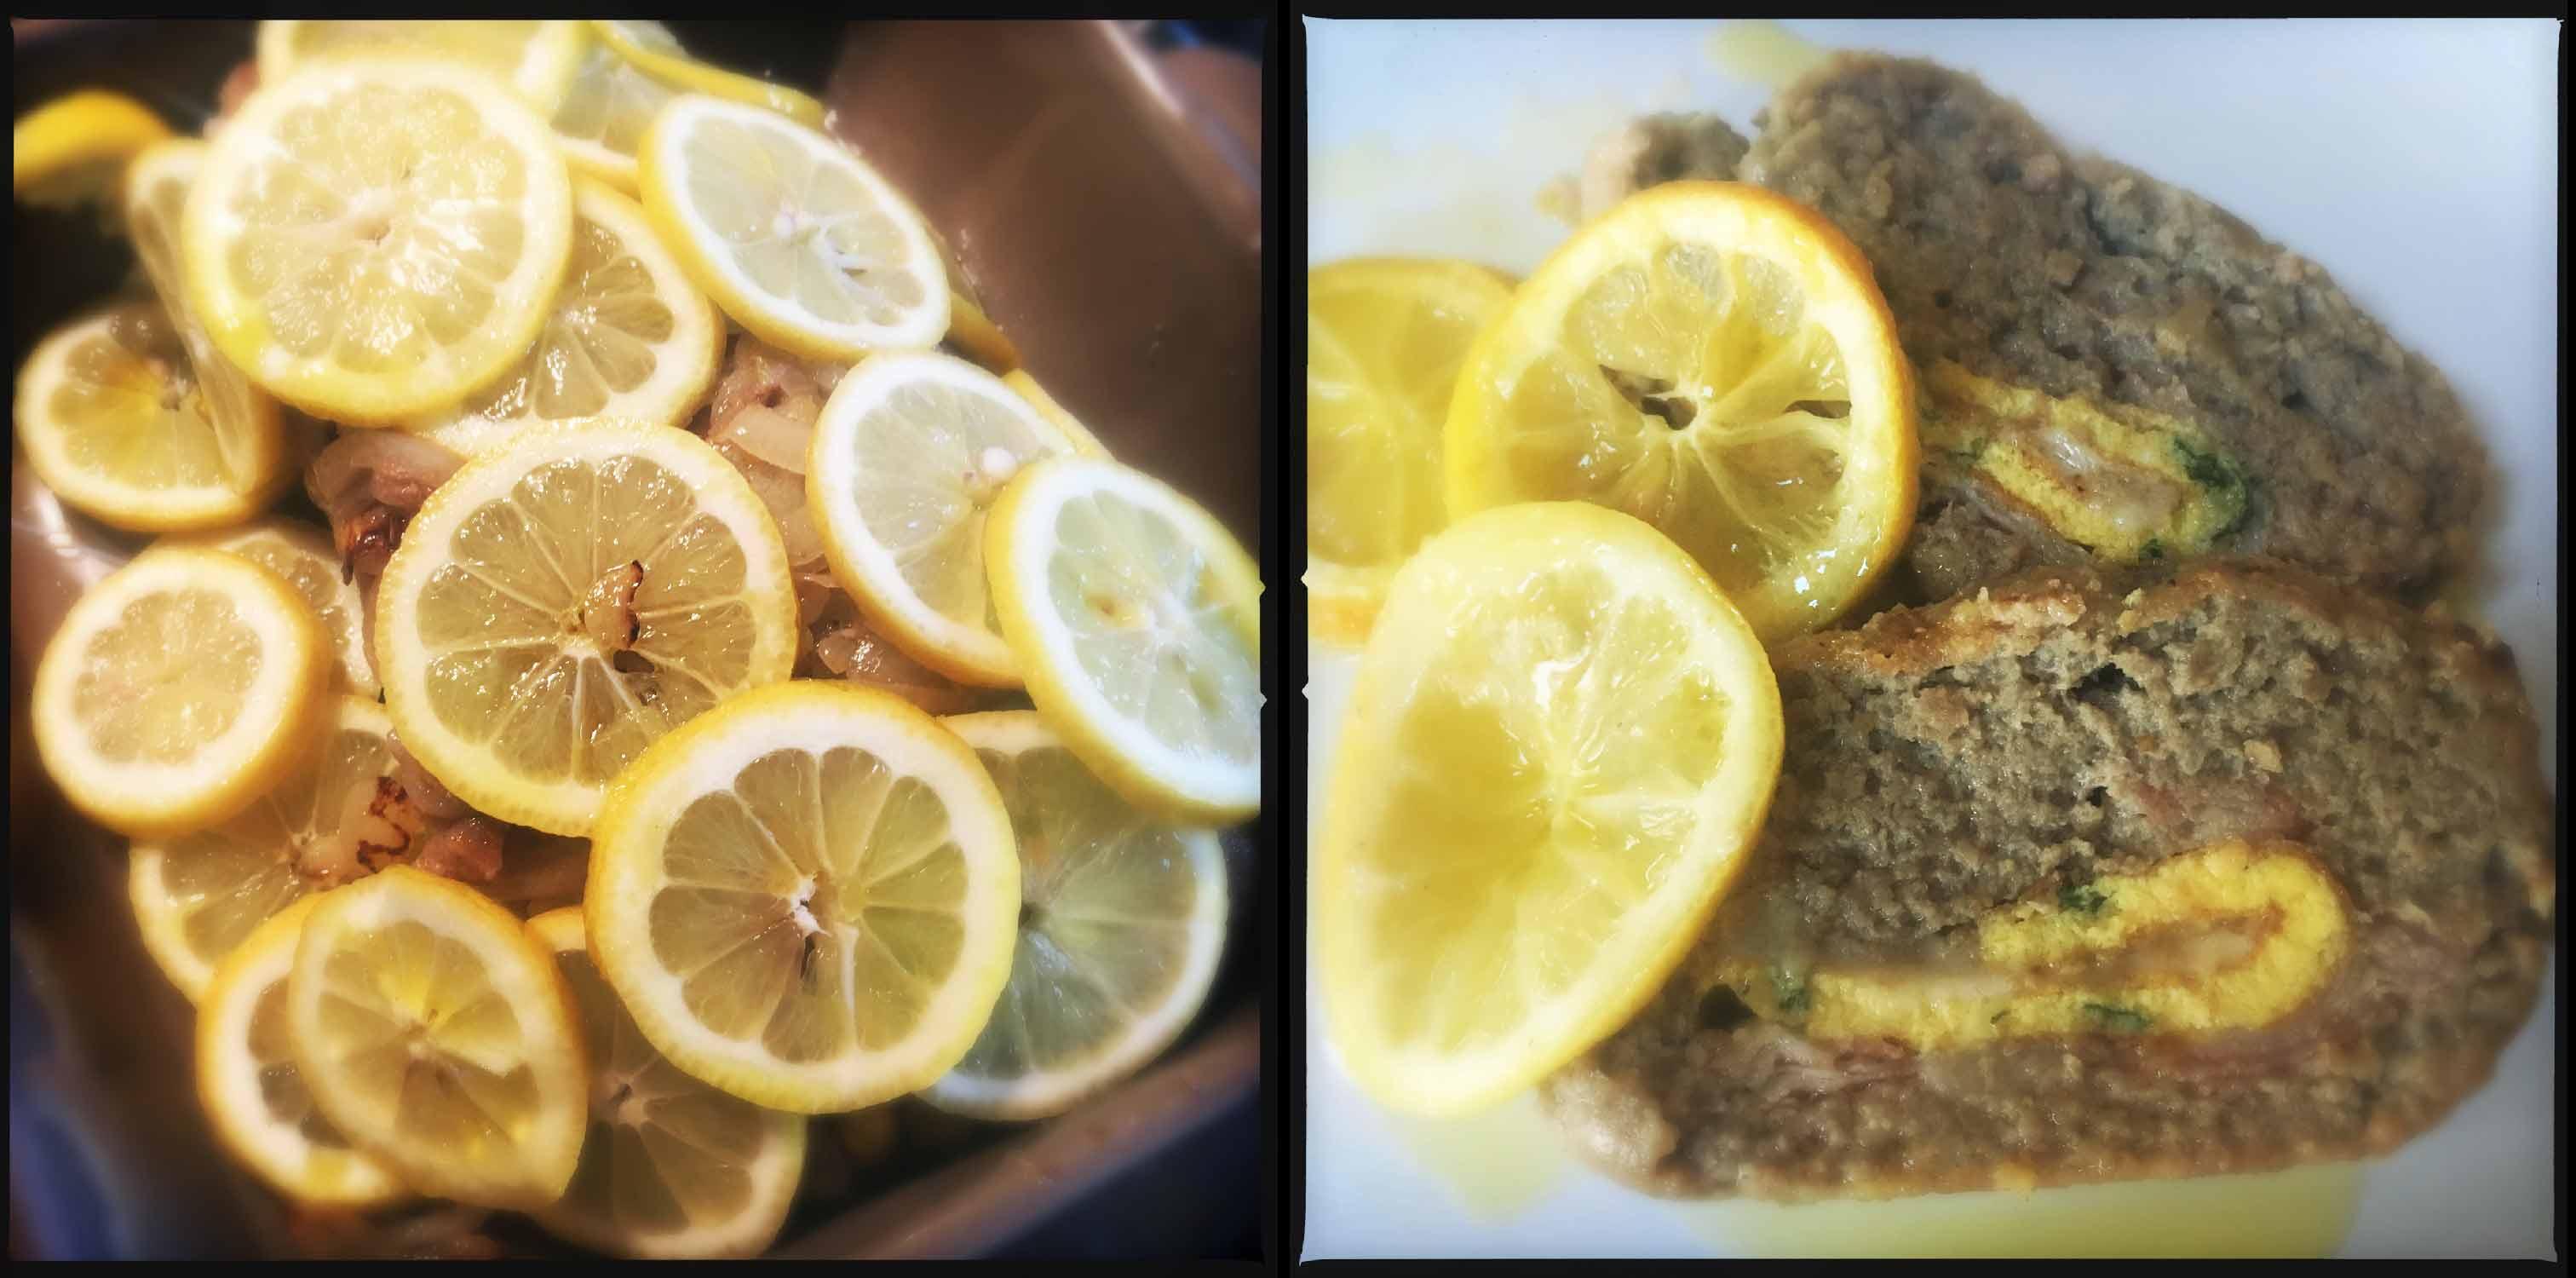 polpettone aromatico al limone con pancetta e scamorza